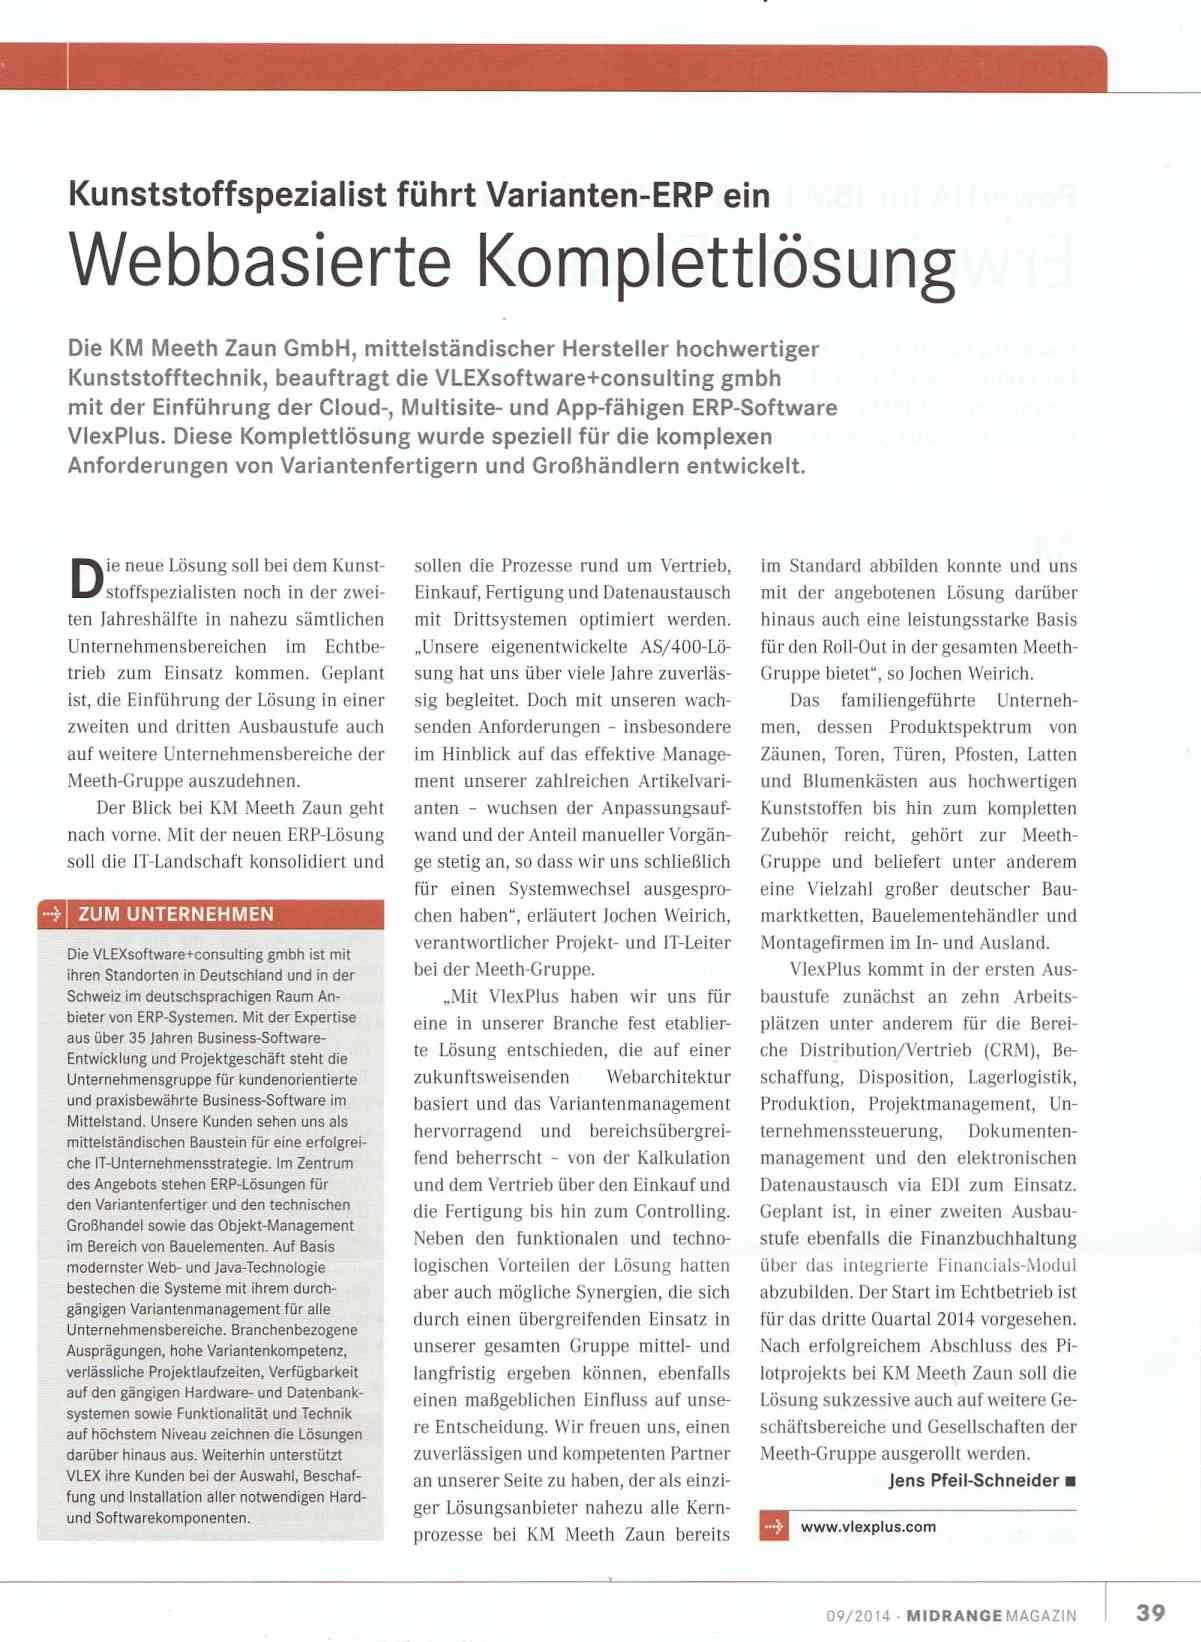 Kunststoff-Spezialist KM Meeth Zaun führt Varianten-ERP VlexPlus ein ...